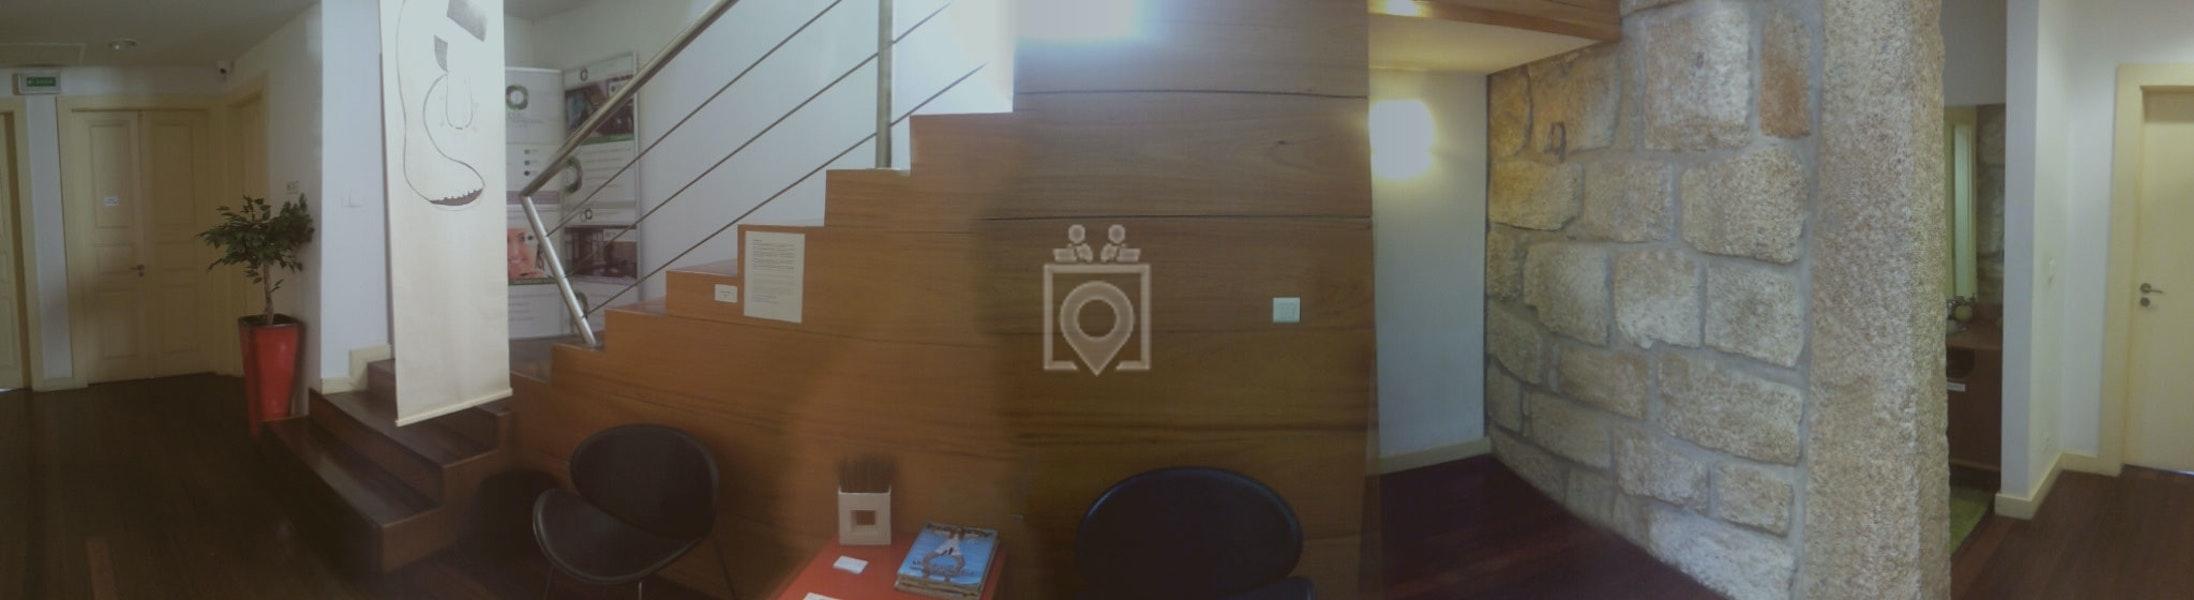 CEBC | Centro Empresarial Brito Capelo, Matosinhos